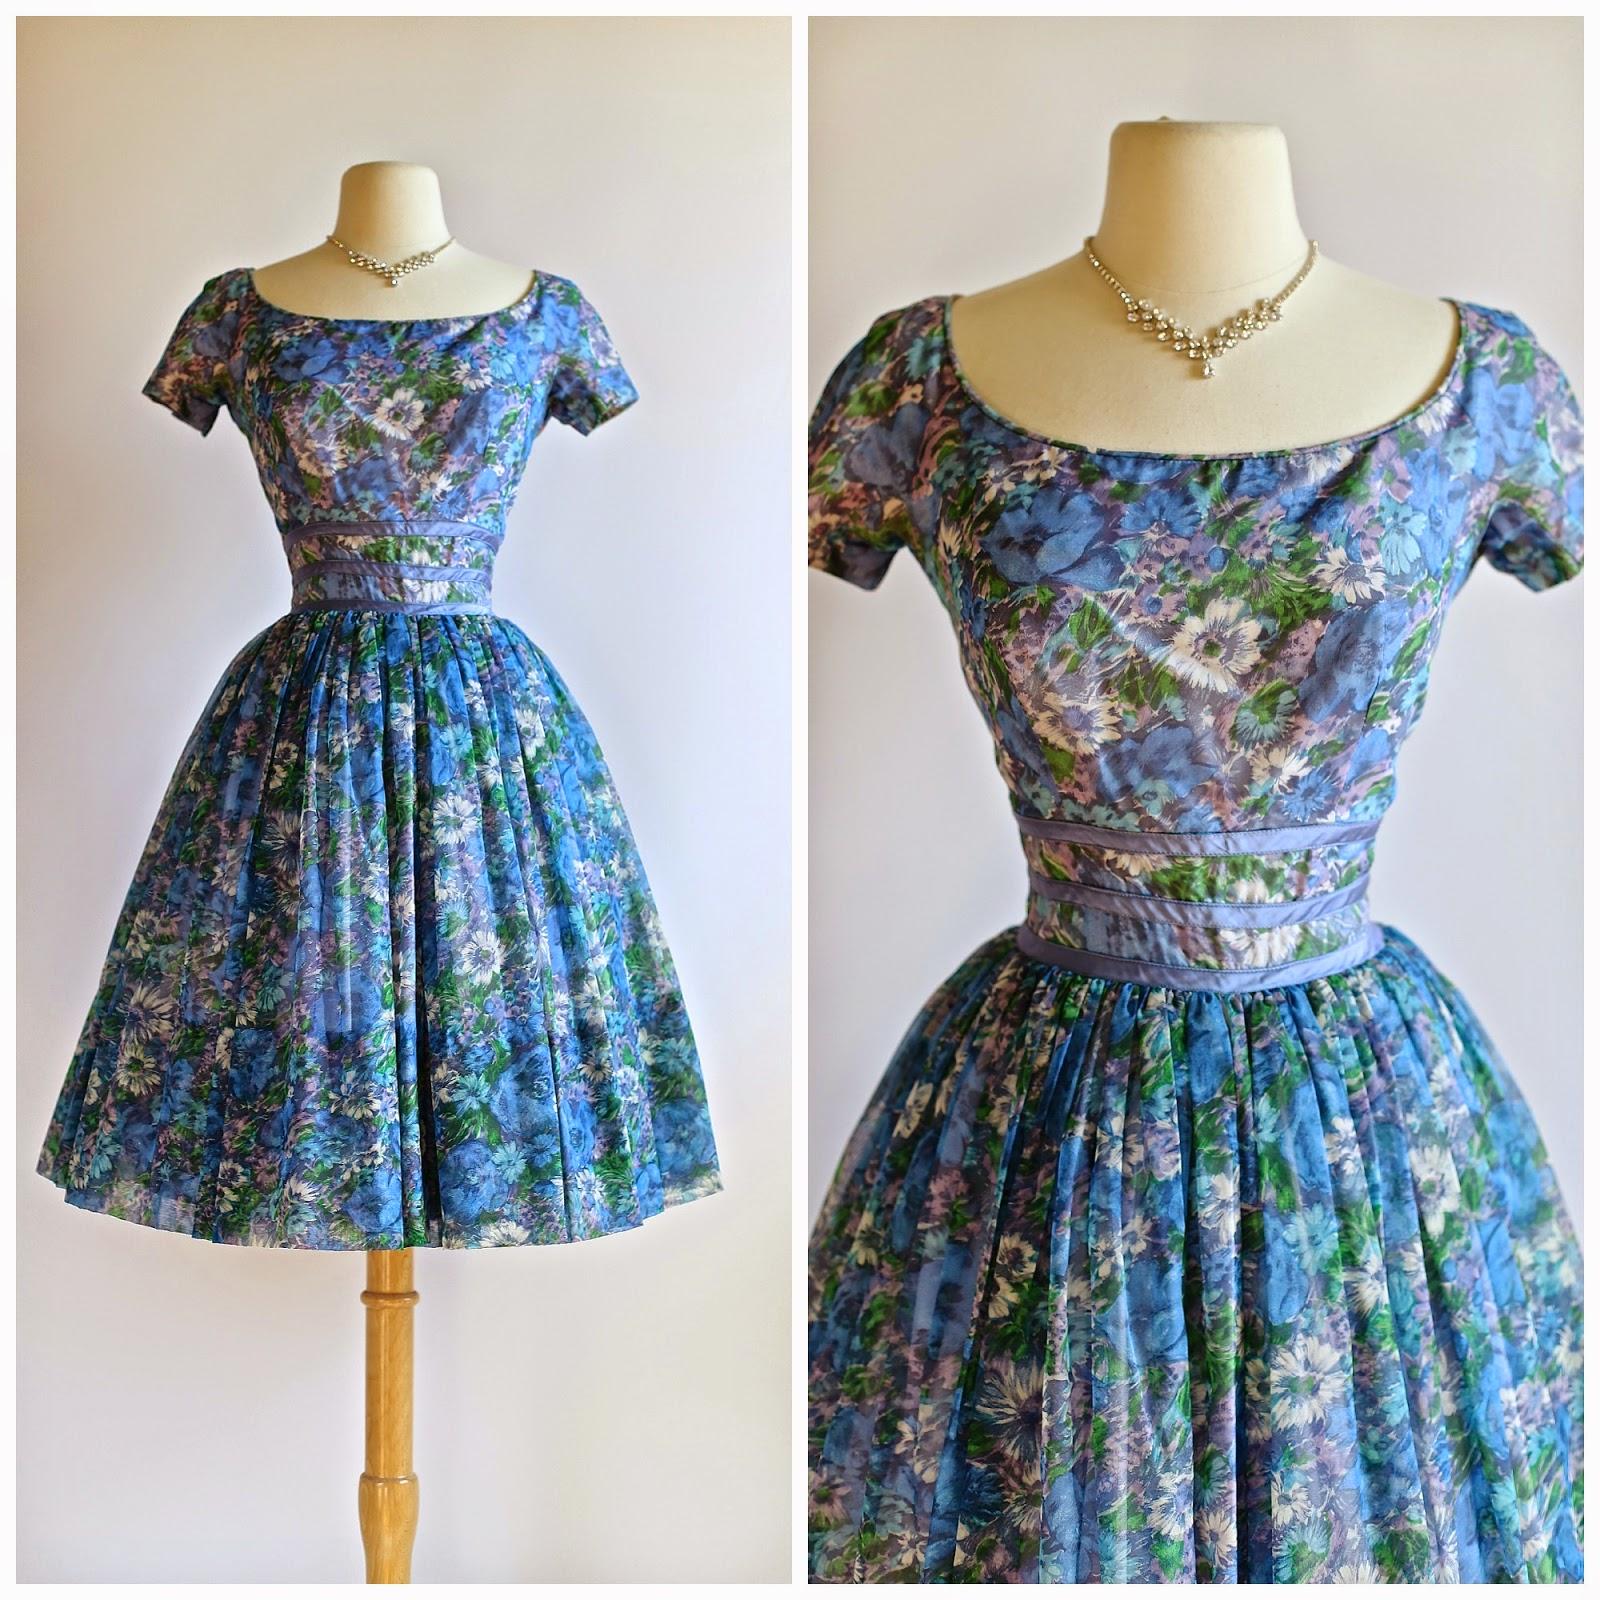 Xtabay Vintage Clothing Boutique - Portland, Oregon: February 2015